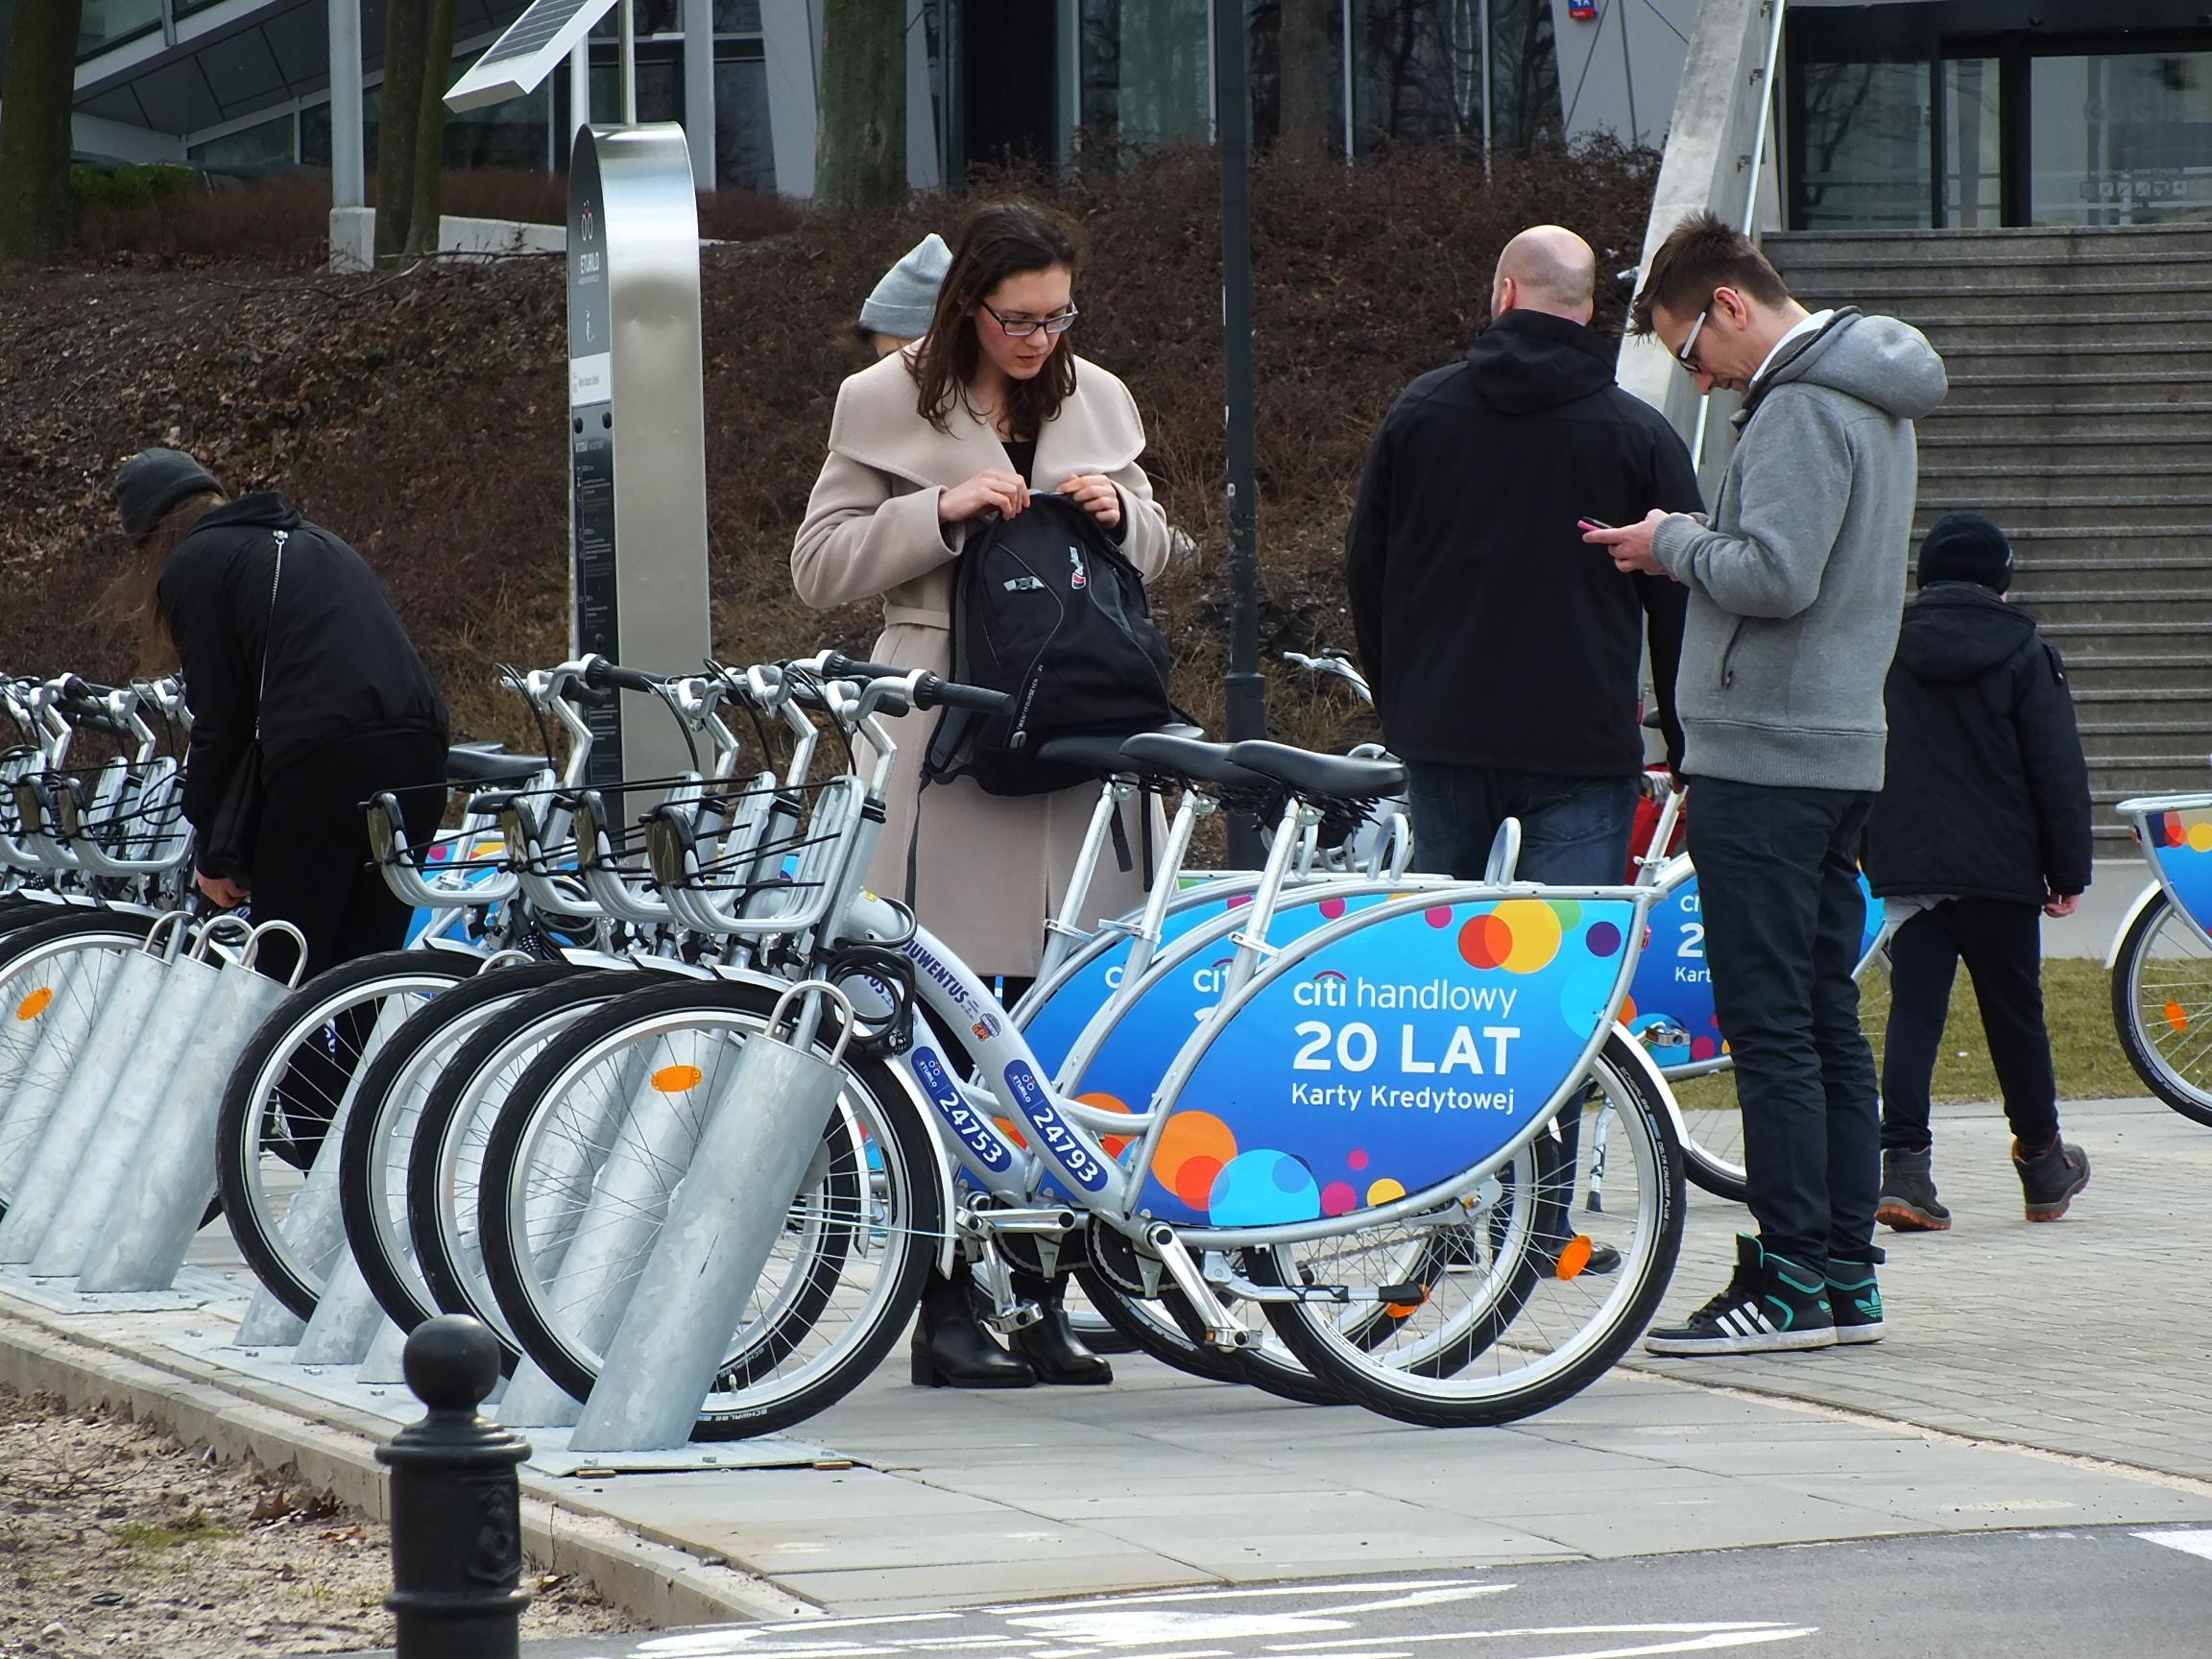 Słomińskiego w Warszawie. Stacja rowerów Veturilo. Zaczął się ruch. Idzie wiosna!